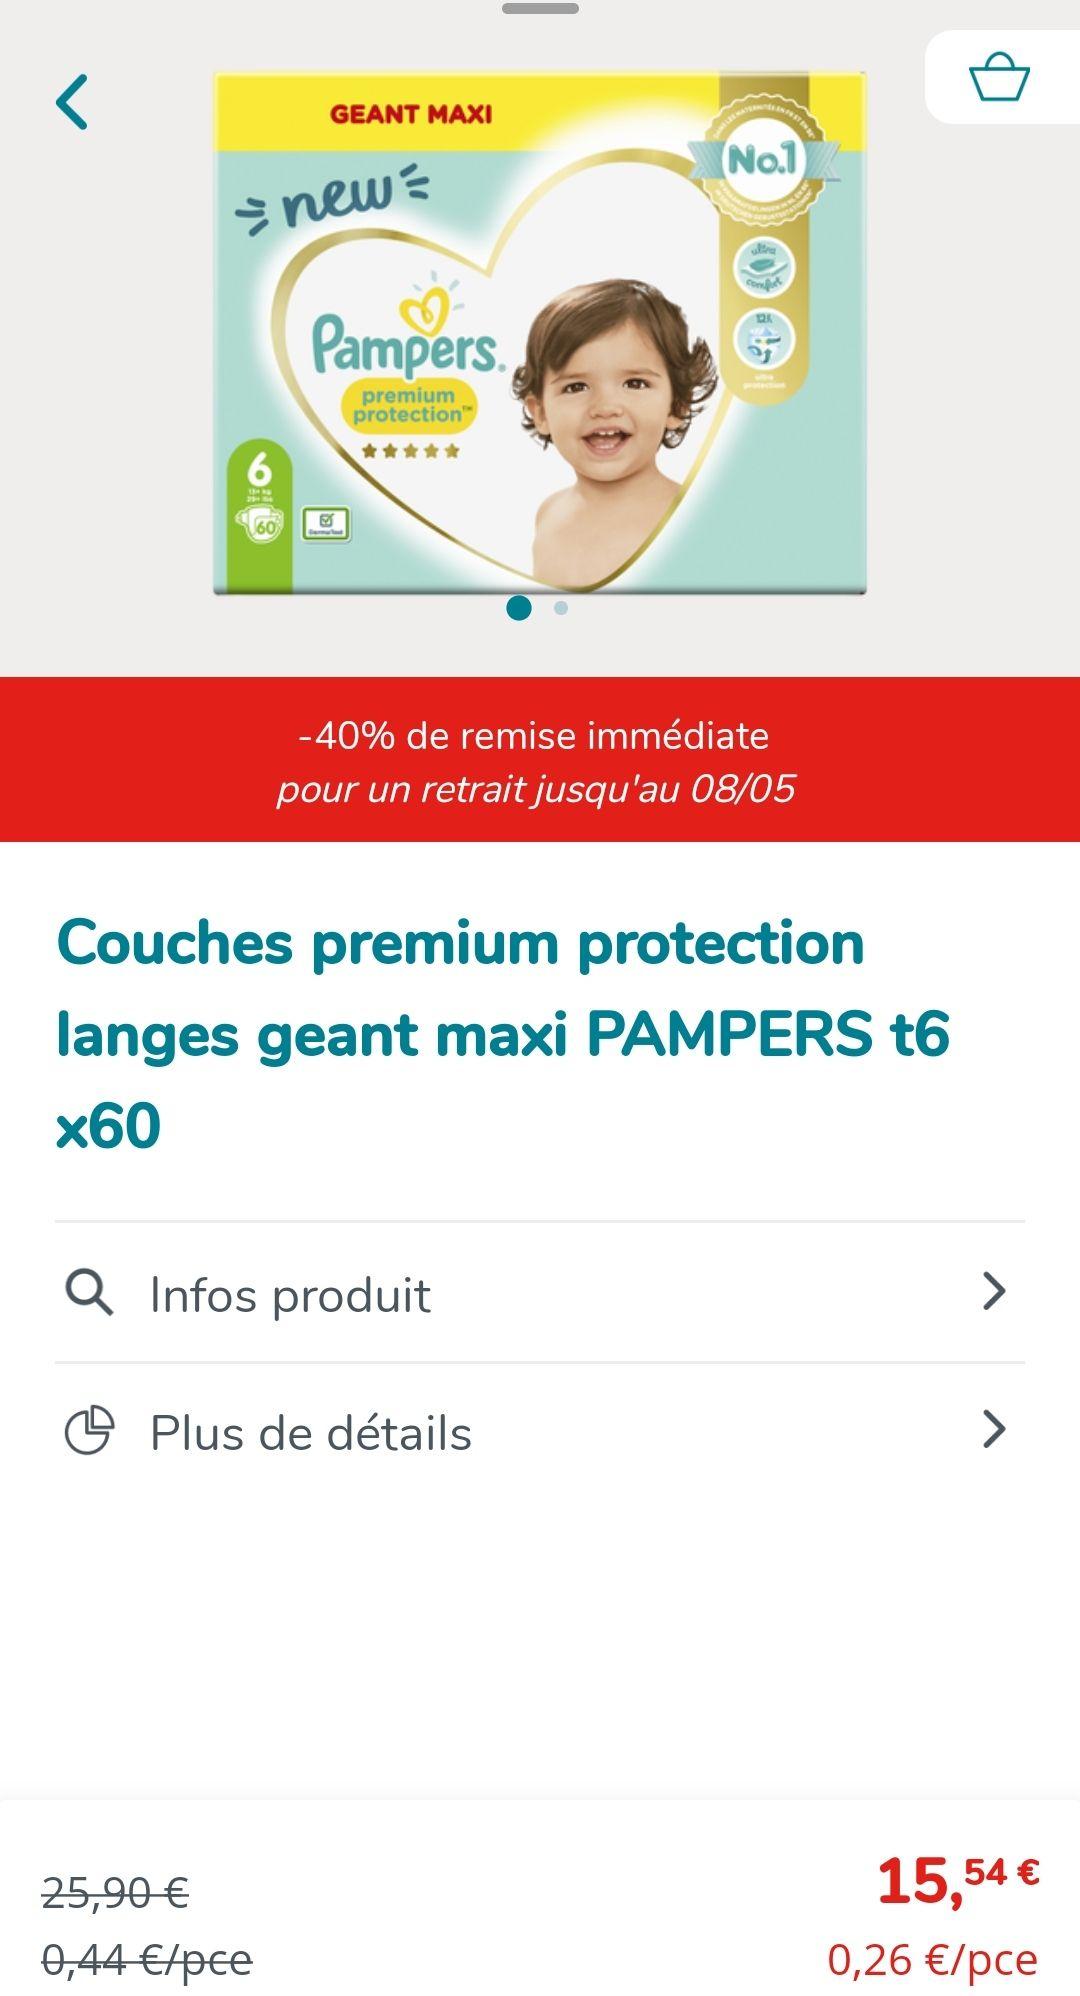 Paquet de 60 couches Pampers Premium Protection - taille 6 (via 3.11€ sur la carte de fidélité) - La Chapelle-sur-Erdre (44)